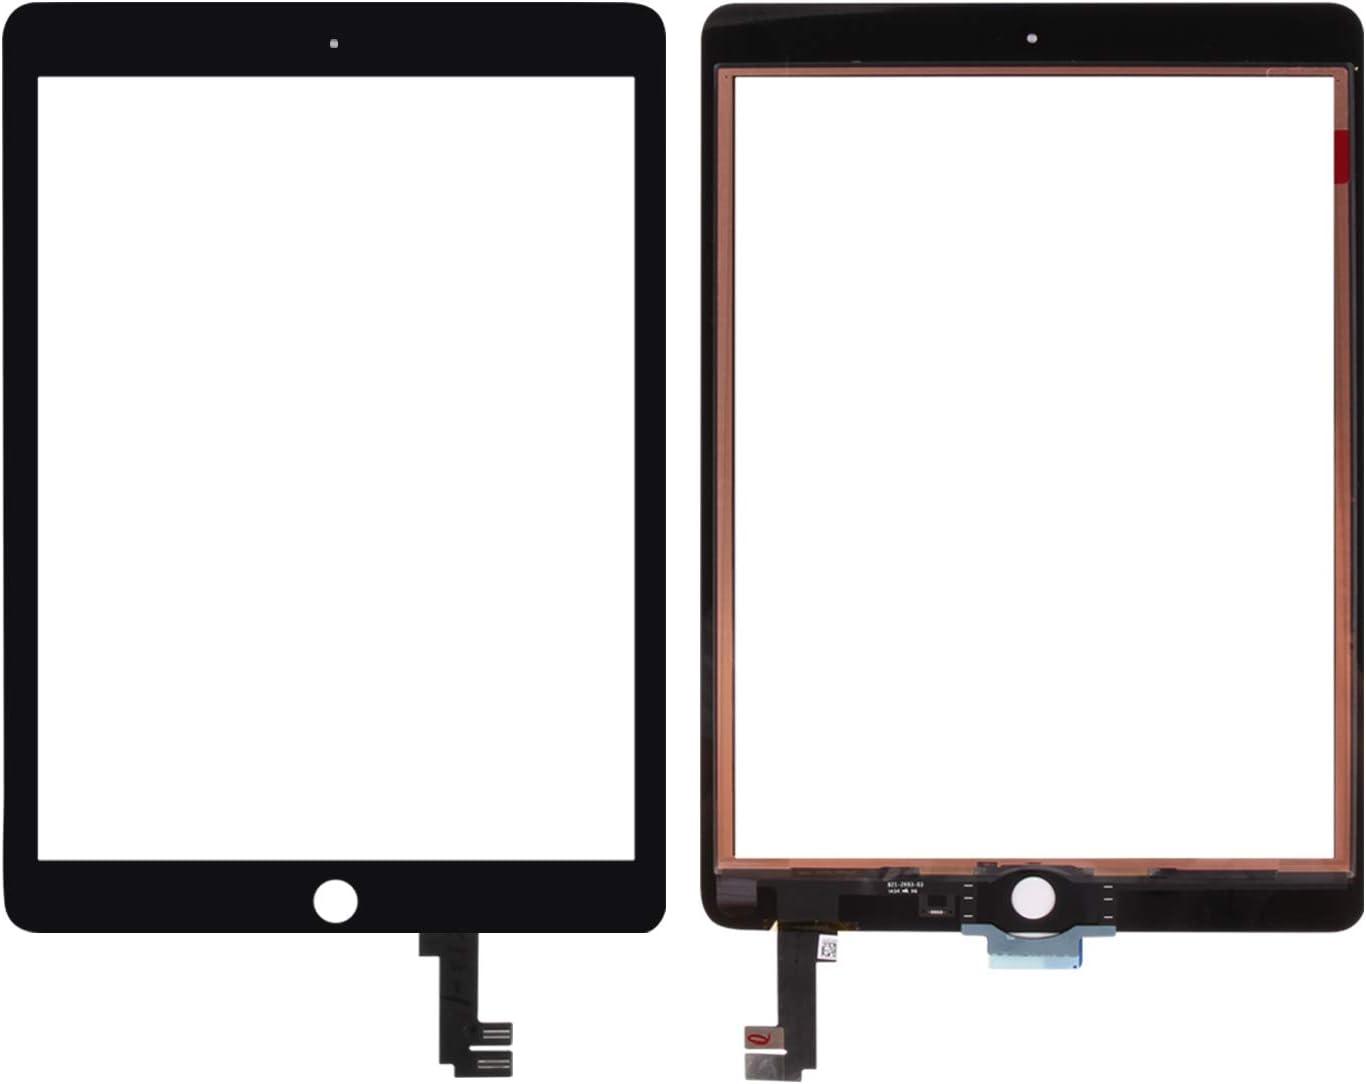 SRJTEK Remplacement D/écran pour Les Kits Dassemblage De Verre pour Le Num/ériseur D/écran Tactile A1566 A1567 pour Ipad Air 2 /écran Non LCD Black